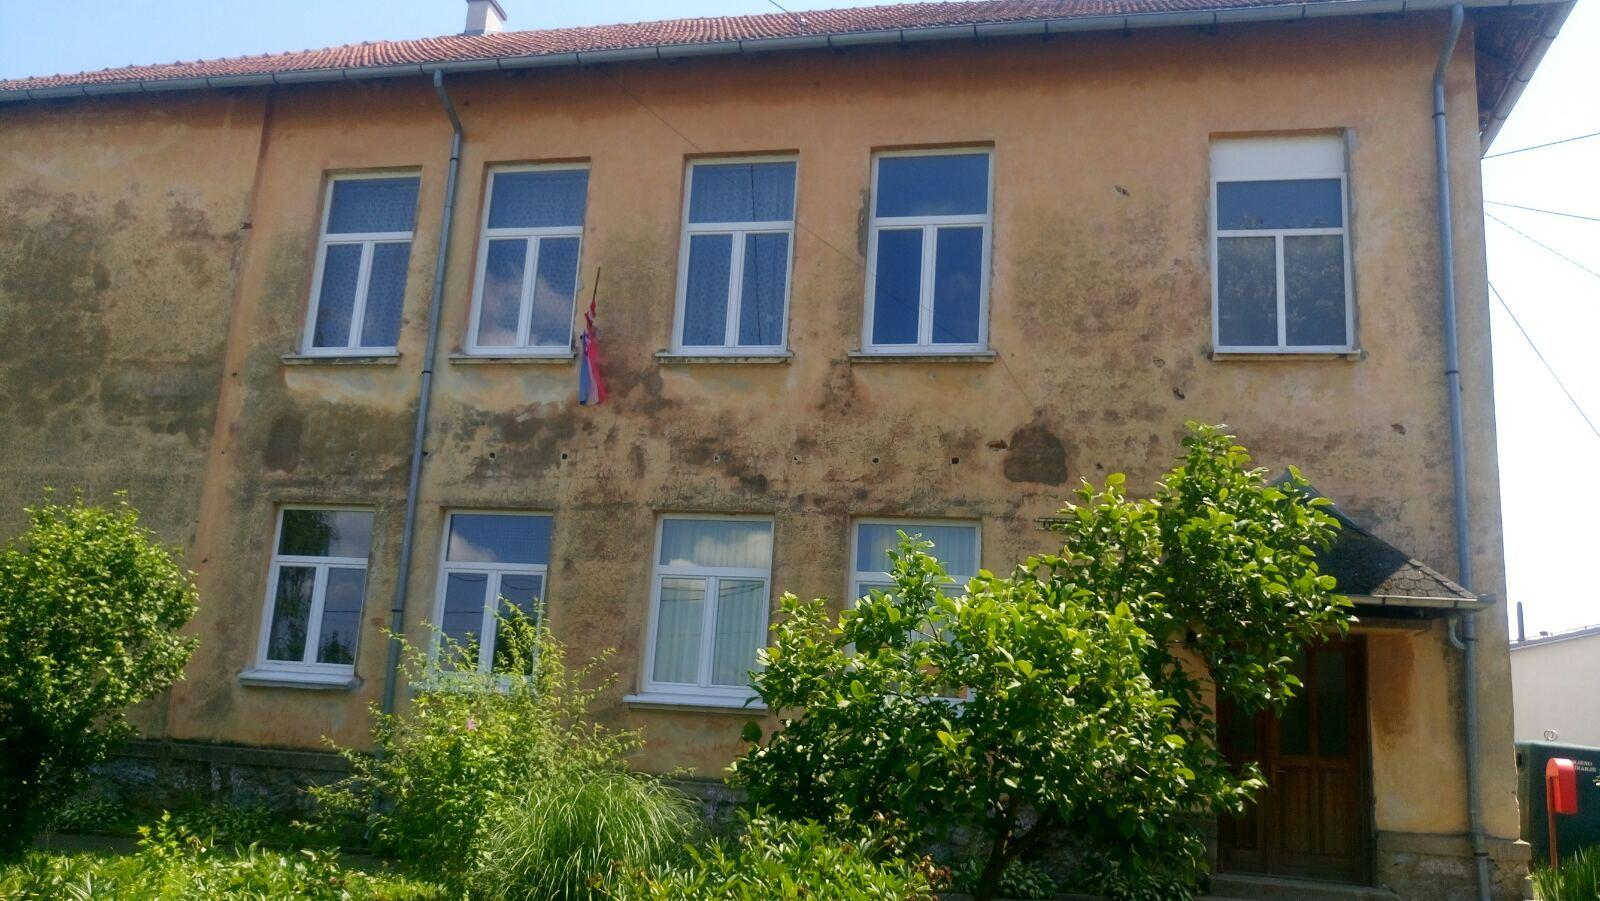 Uskoro kreće obnova Područne škole DOLJANI - Raspisan natječaj za izvođača radova